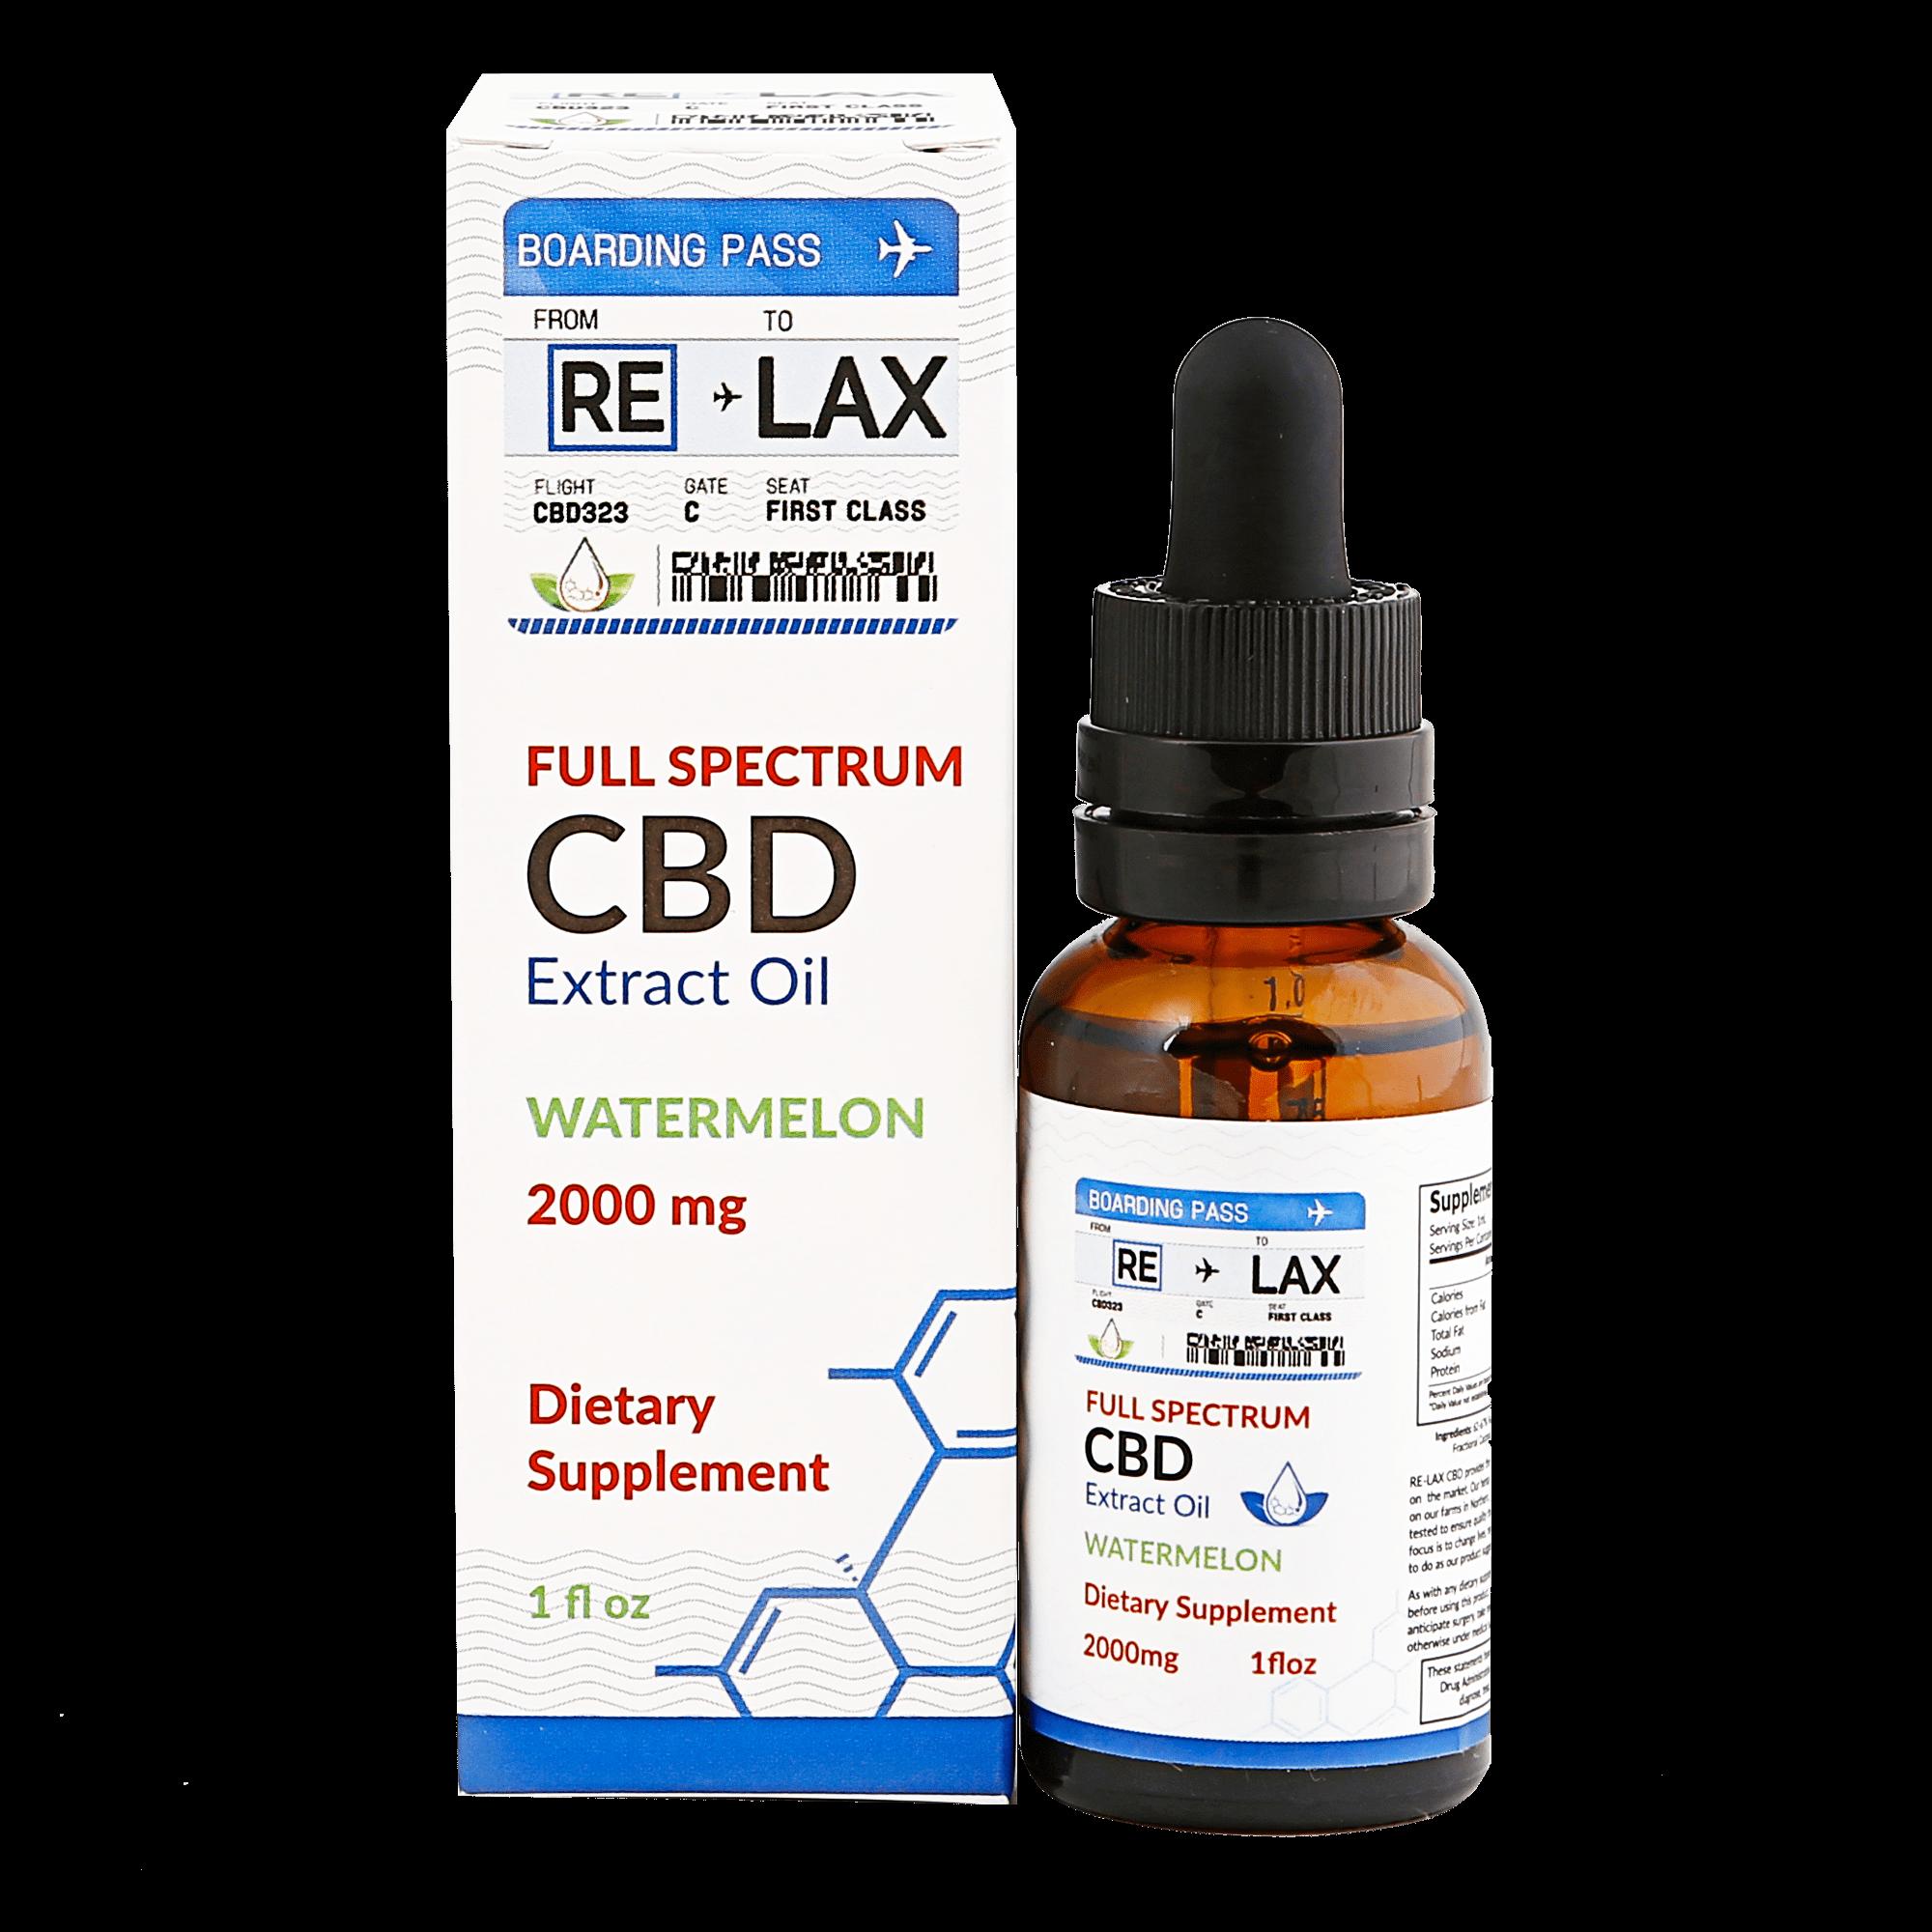 RE-LAX CBD Oil – Watermelon 2000mg